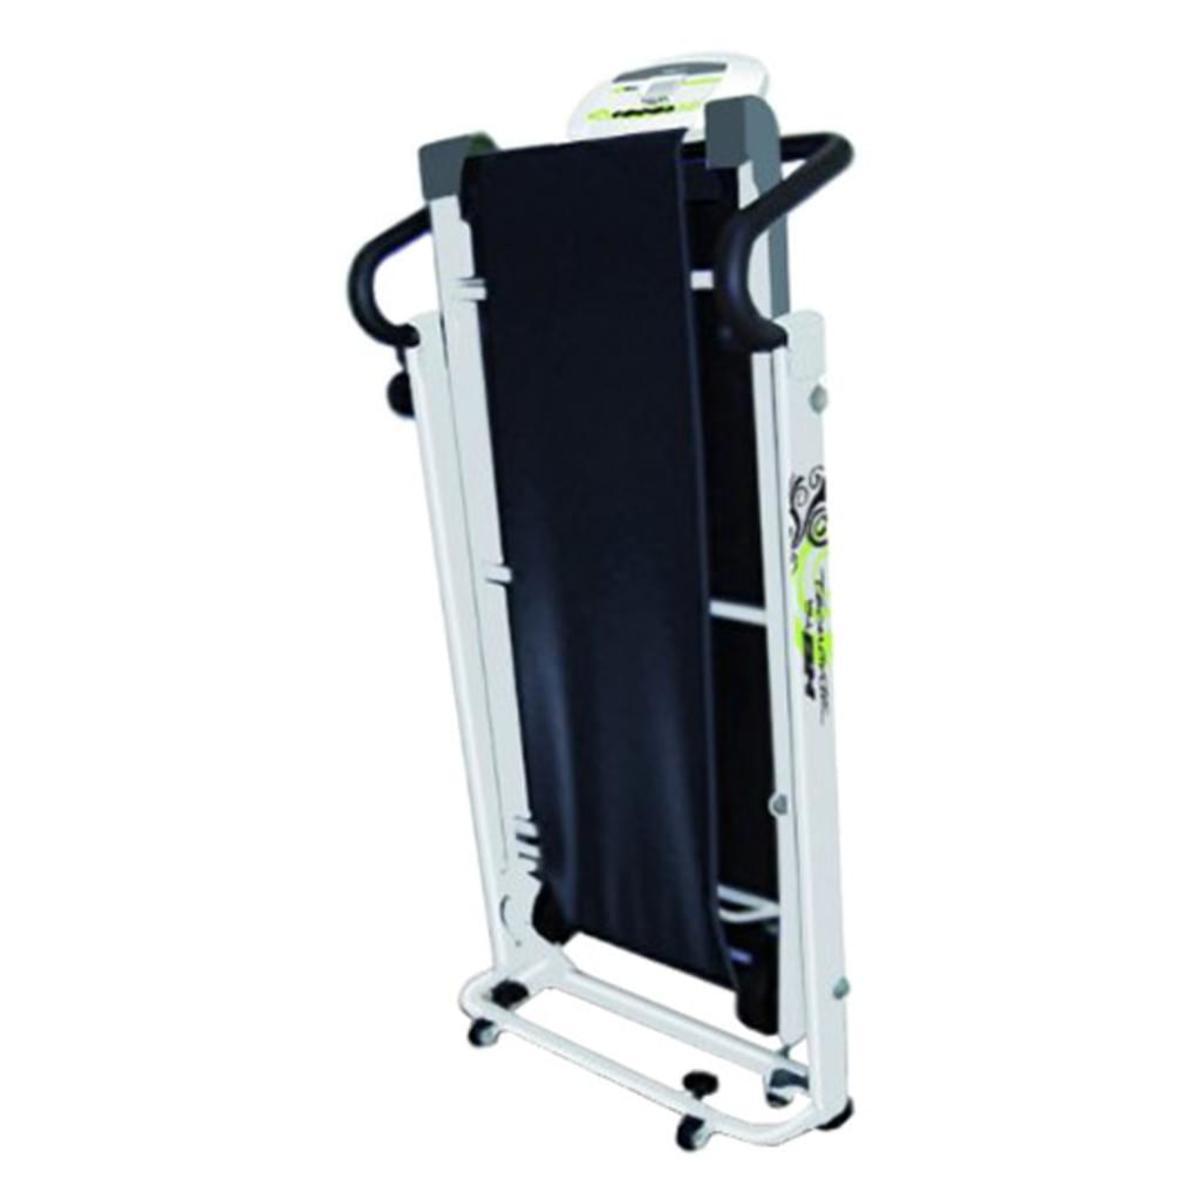 Bild 5 von Tecnovita by BH WALK ONE YF30 klappbares laufband, 3,5 kg schwunggewicht, 115 x 33 cm lauffläche, magnetbremssystem, informativer monitor